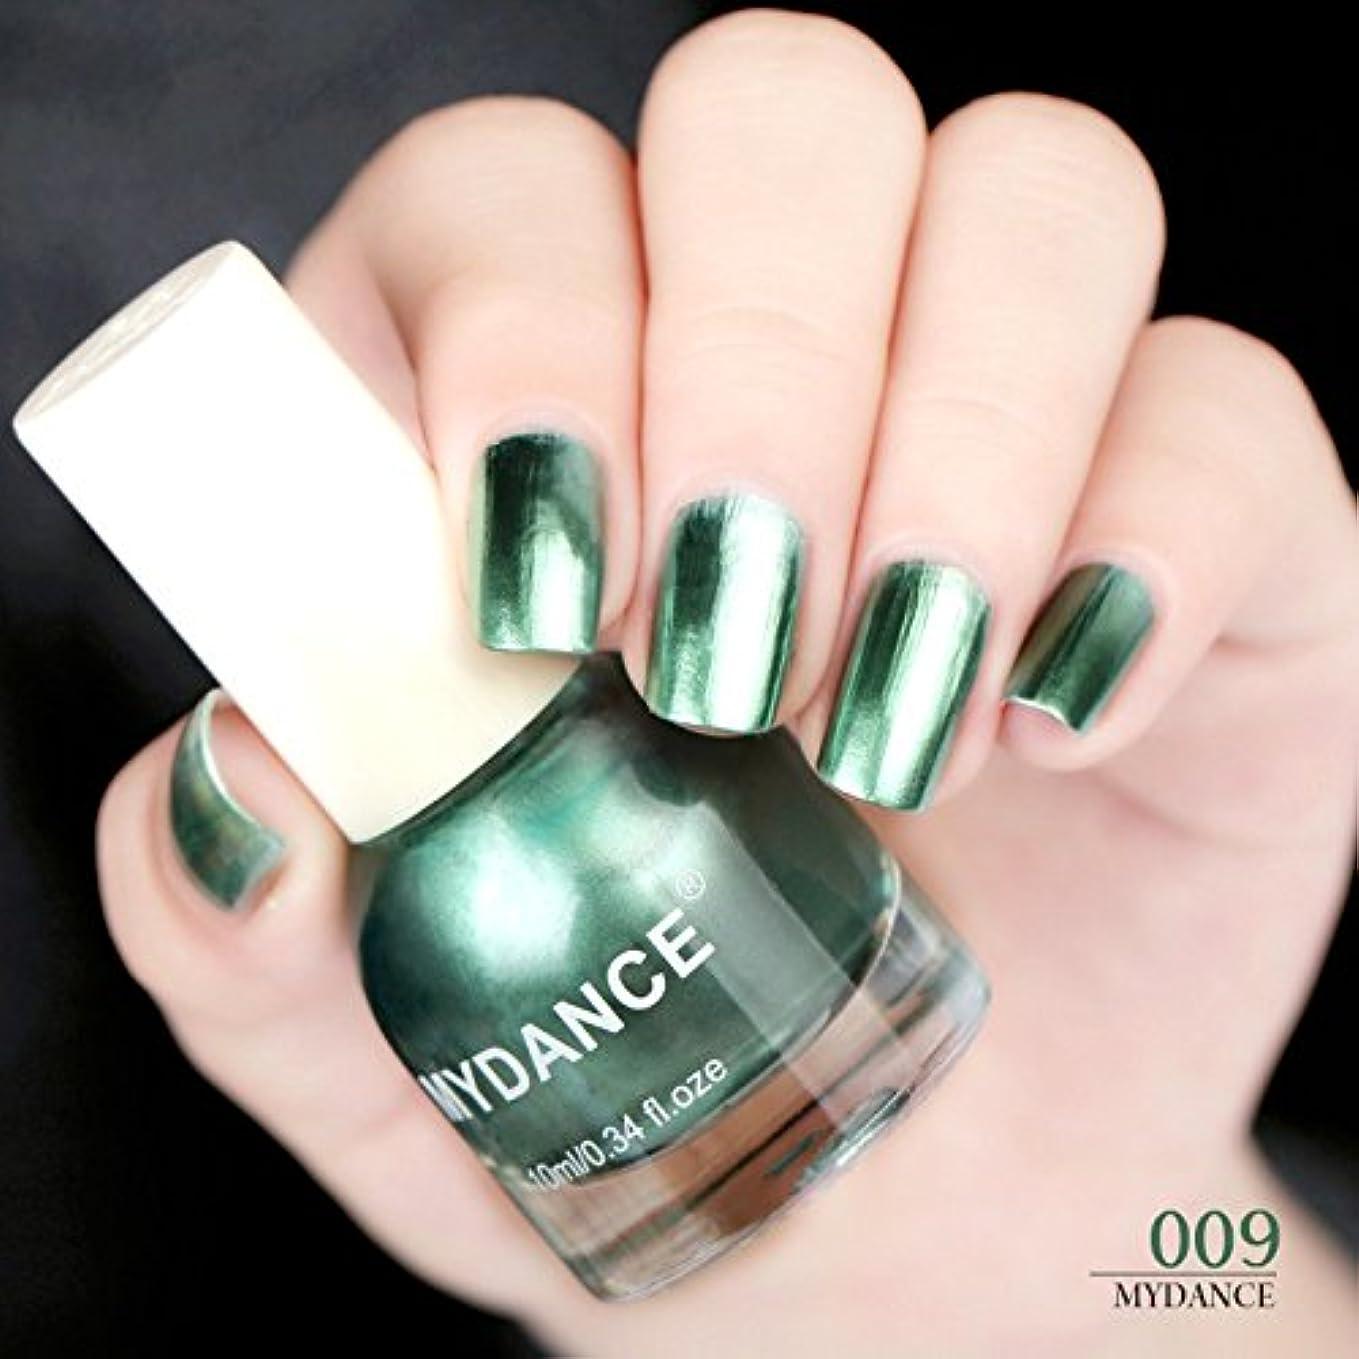 1ボトル グリーン 10ml 鏡ネイルポリッシュ メタルポリッシュ ミラー ネイルカラー ネイルアート ポリッシュ マニキュア